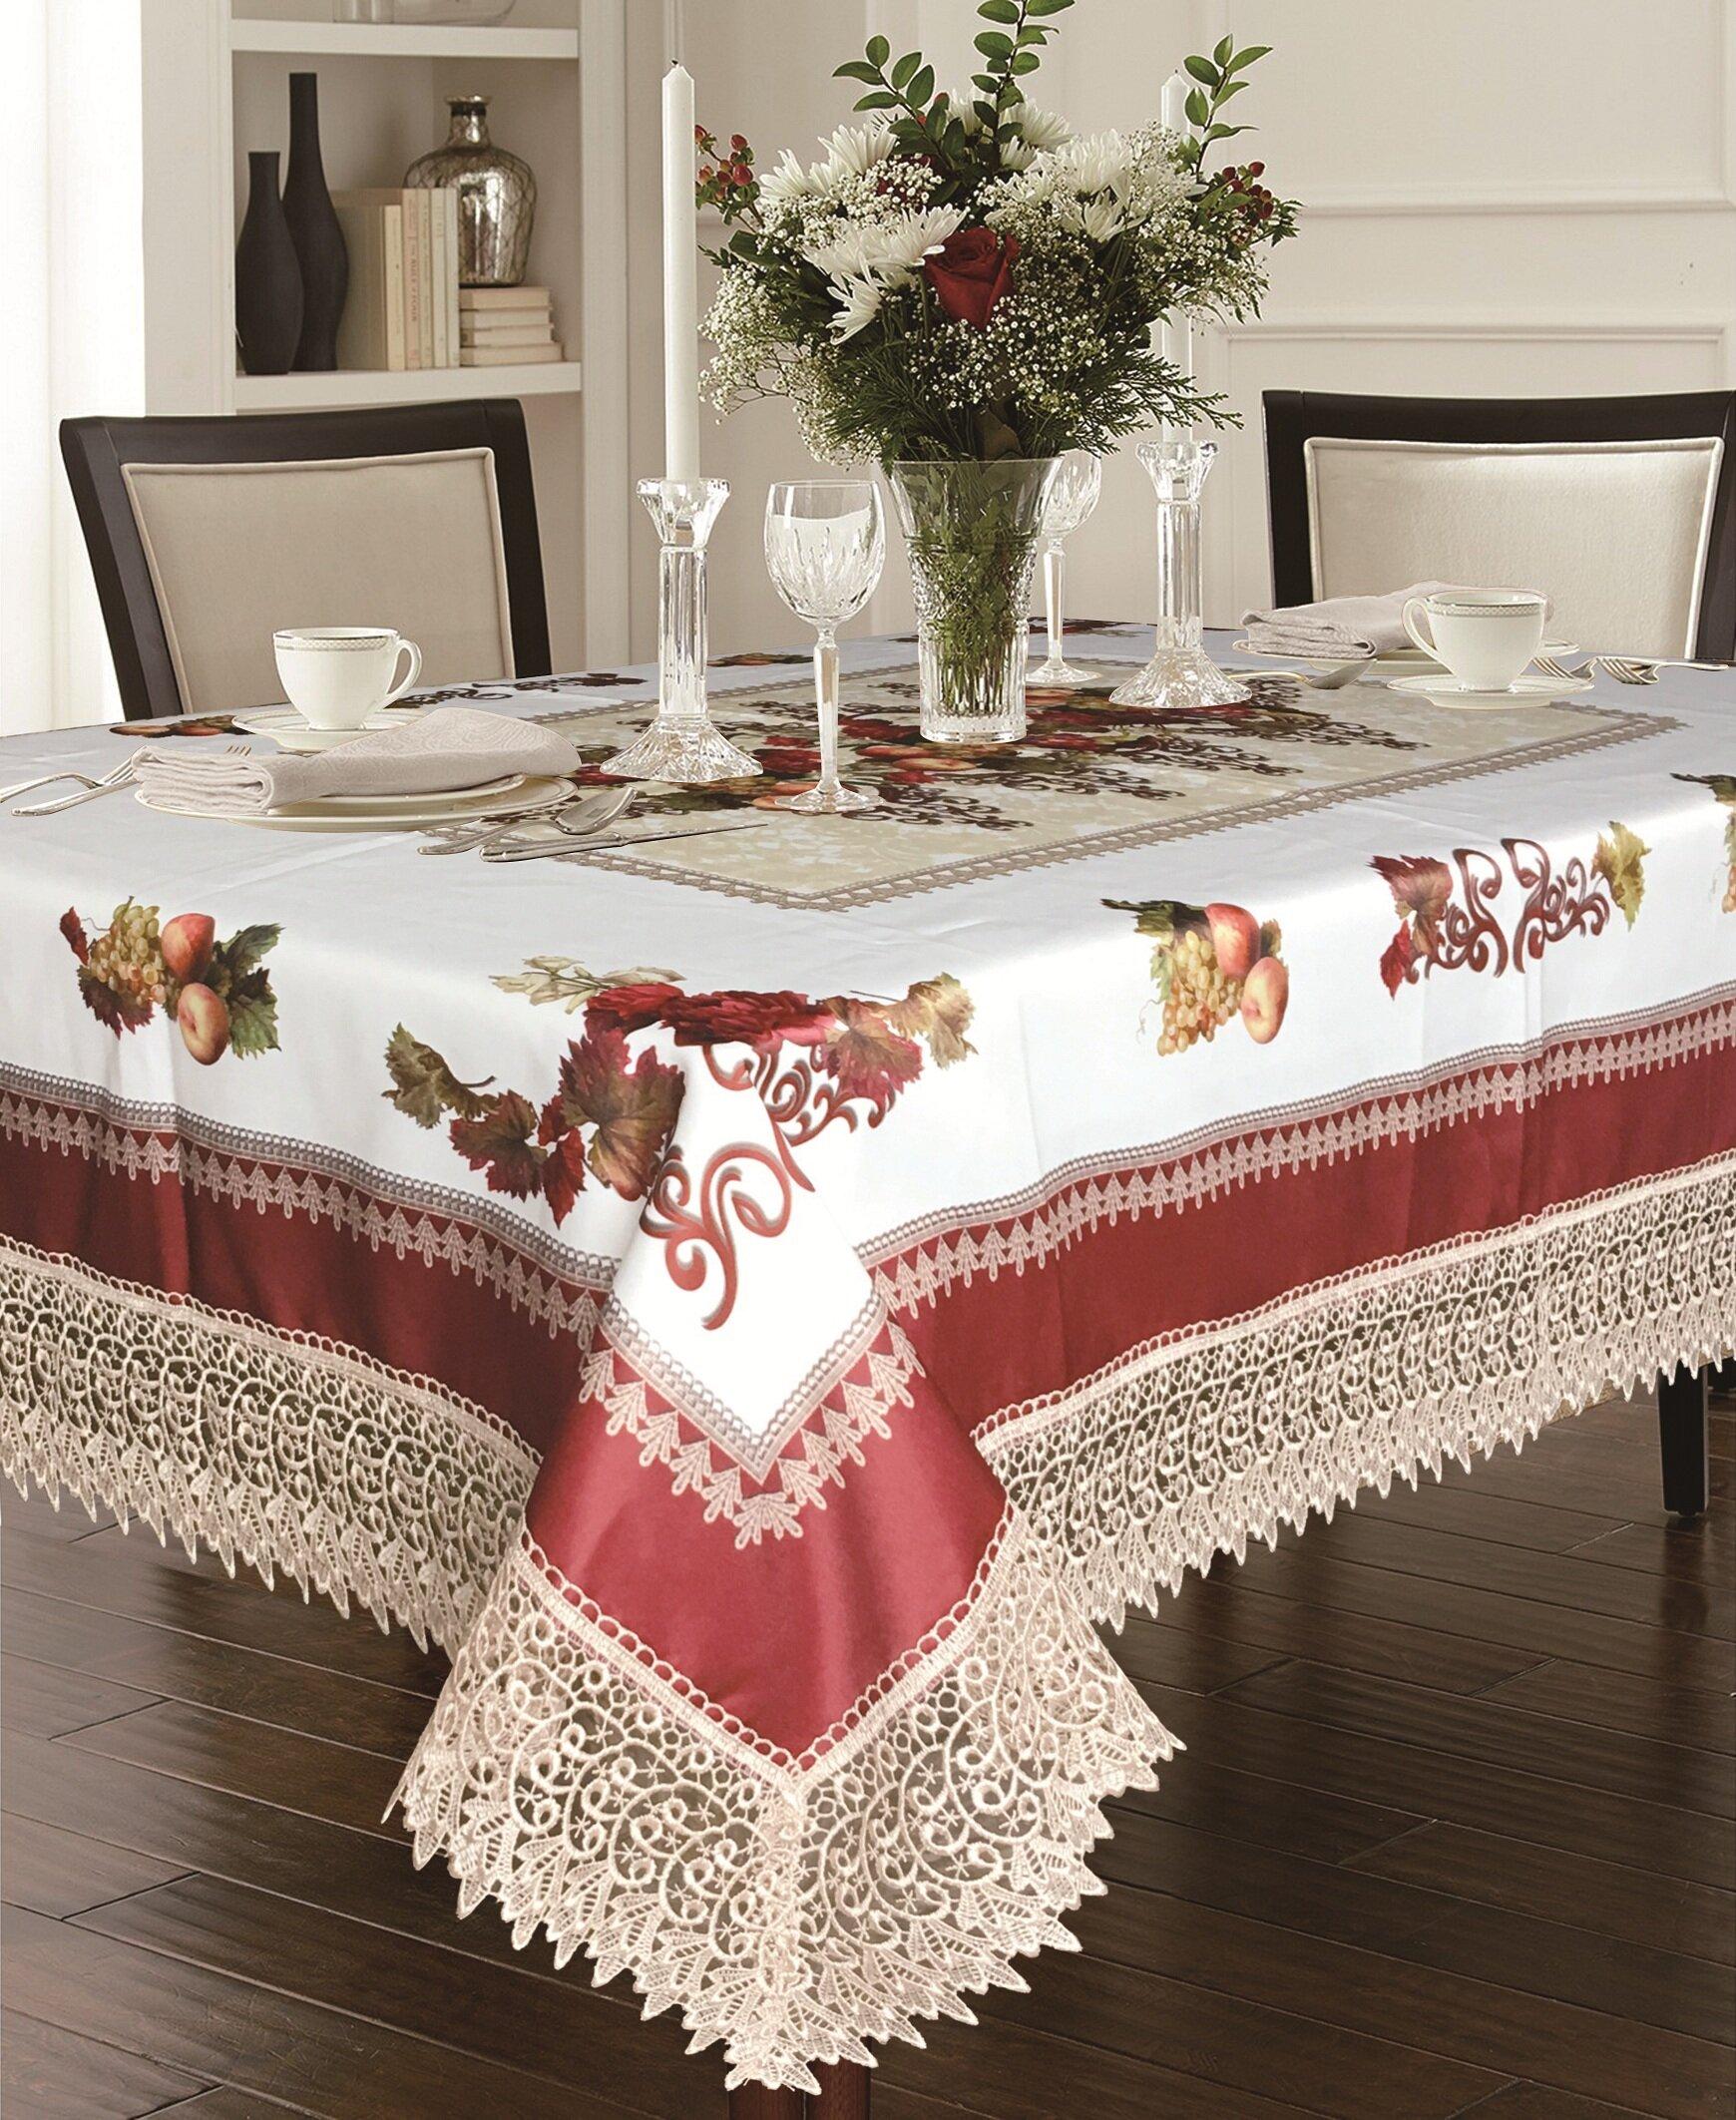 Fleur De Lis Living Akins Tablecloth With Lace Trimming U0026 Reviews | Wayfair